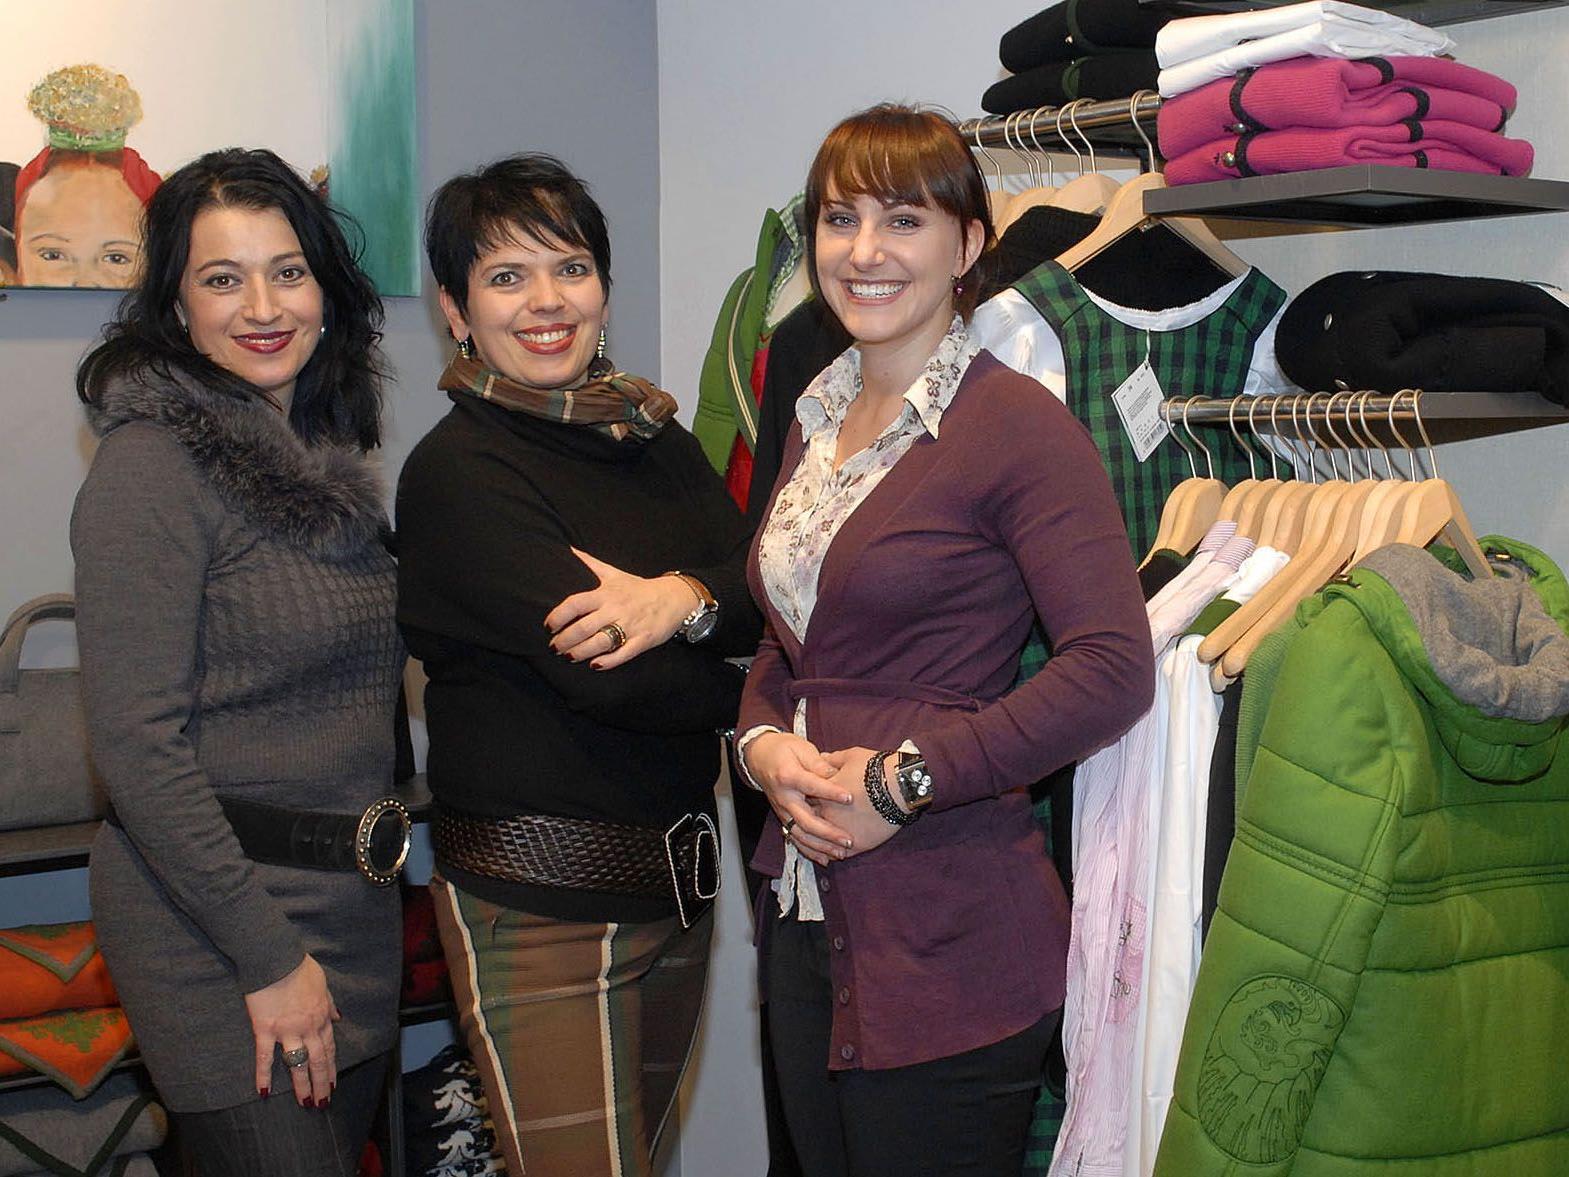 Beim Fashion Day wird auch Mode von Gössl in Schruns präsentiert (Inhaberin Ruth Gollob-Kieber inmitten ihrer beiden Mitarbeiterinnen).